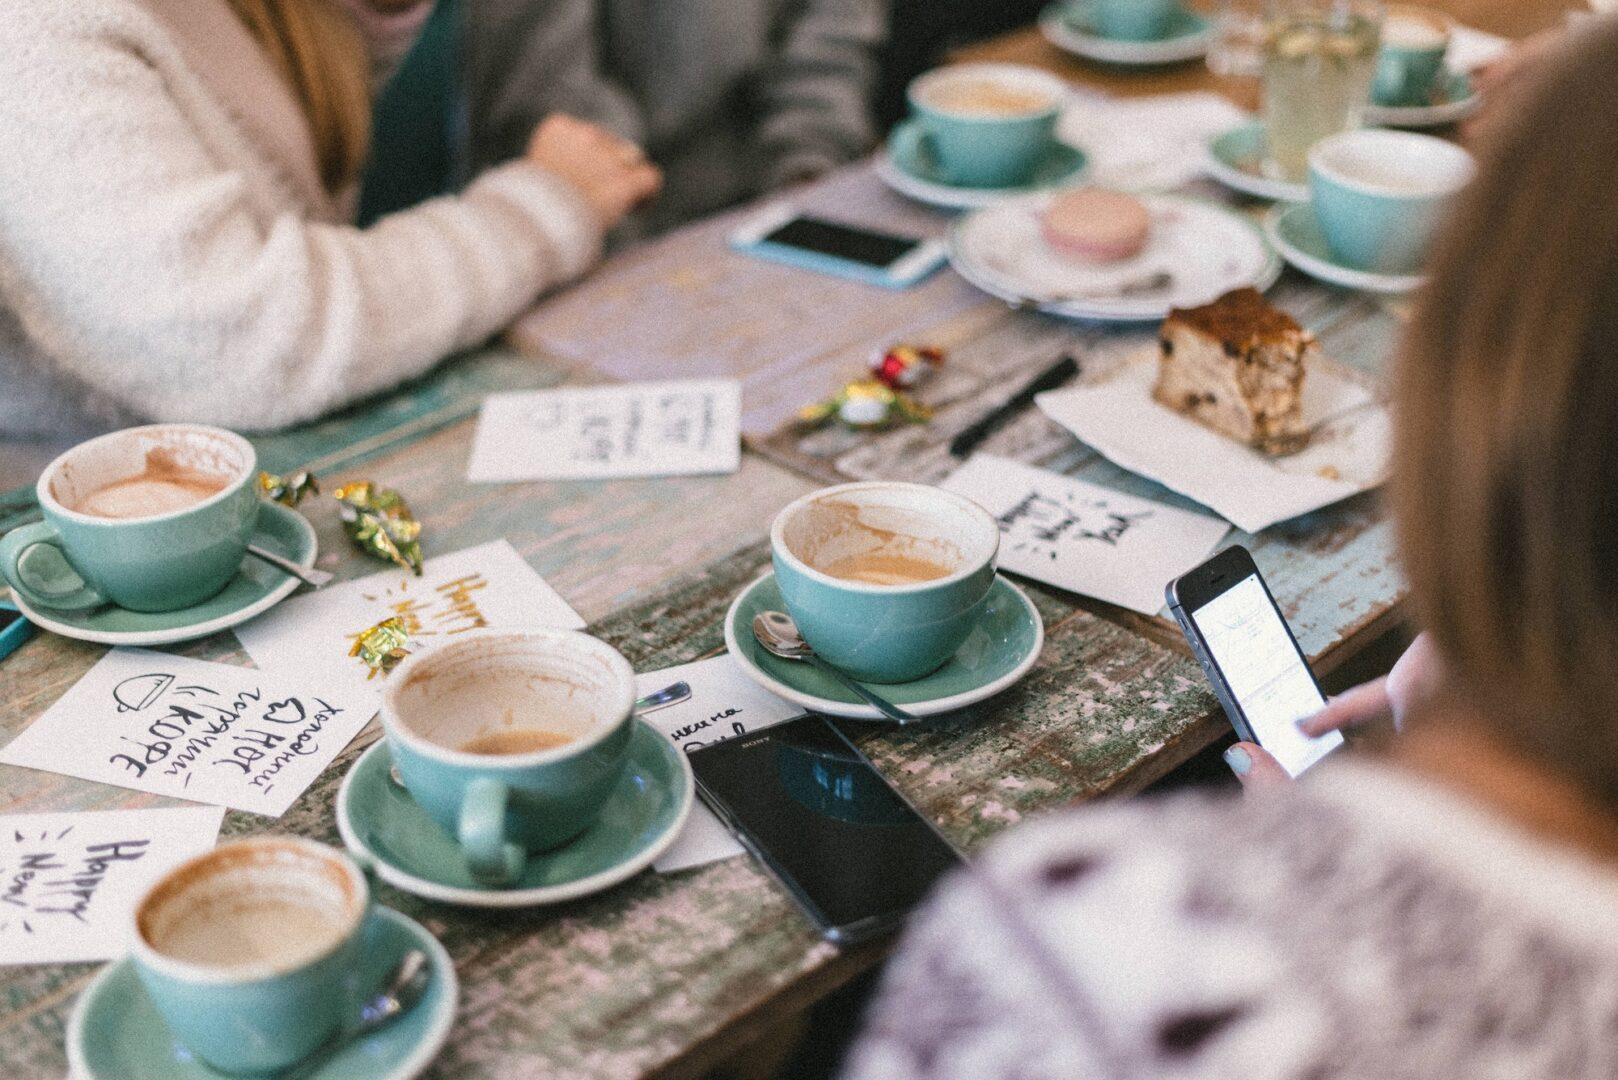 Workshop coffee break